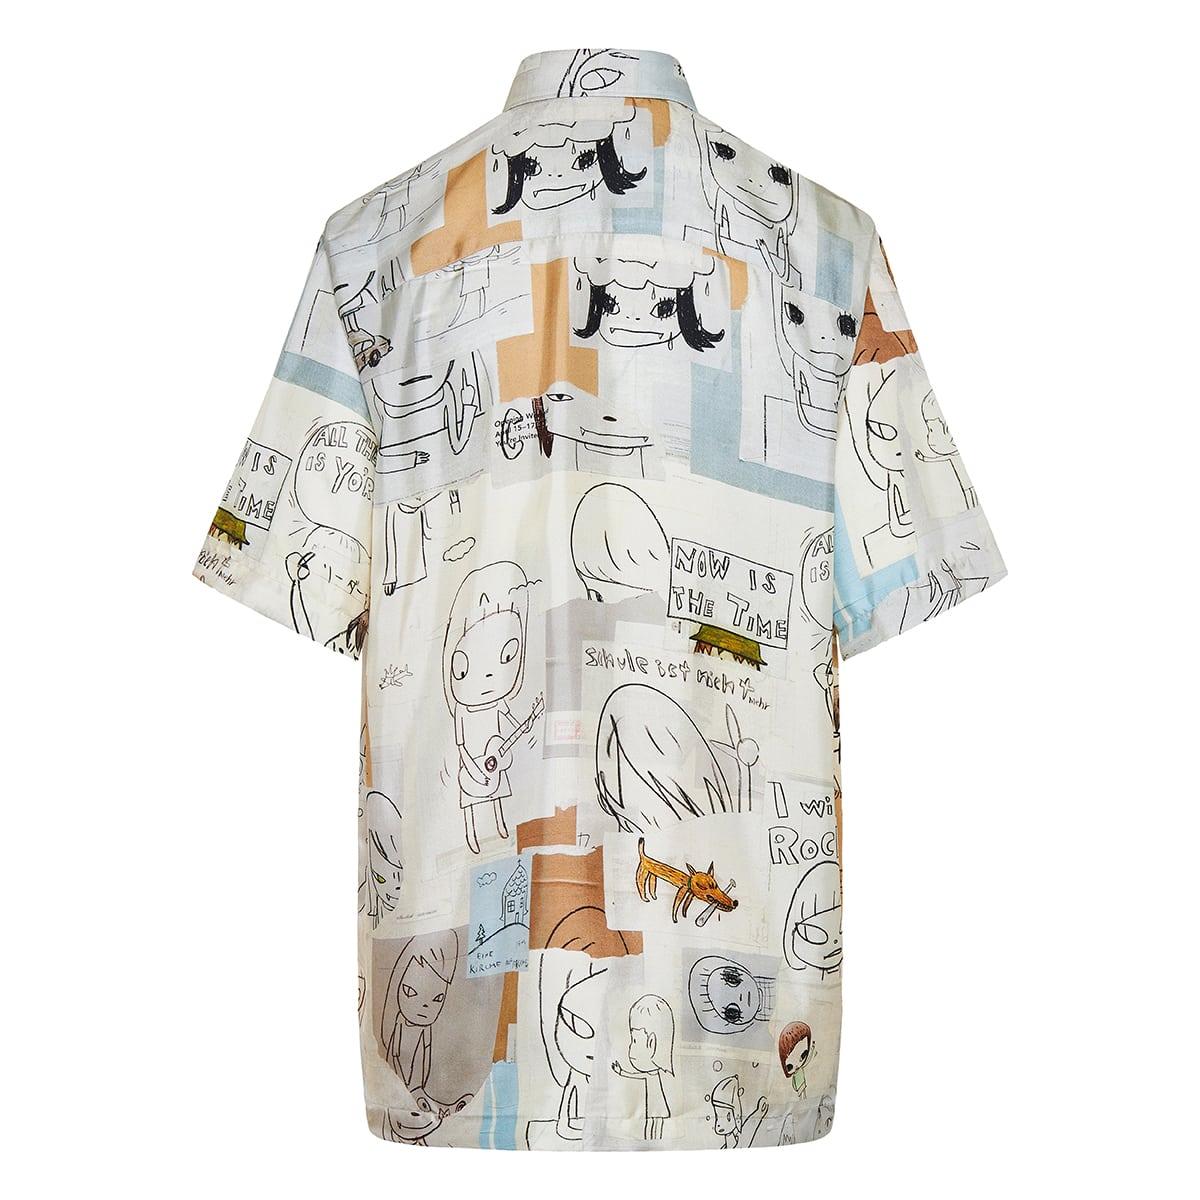 x Yoshitomo Nara Ricky printed shirt